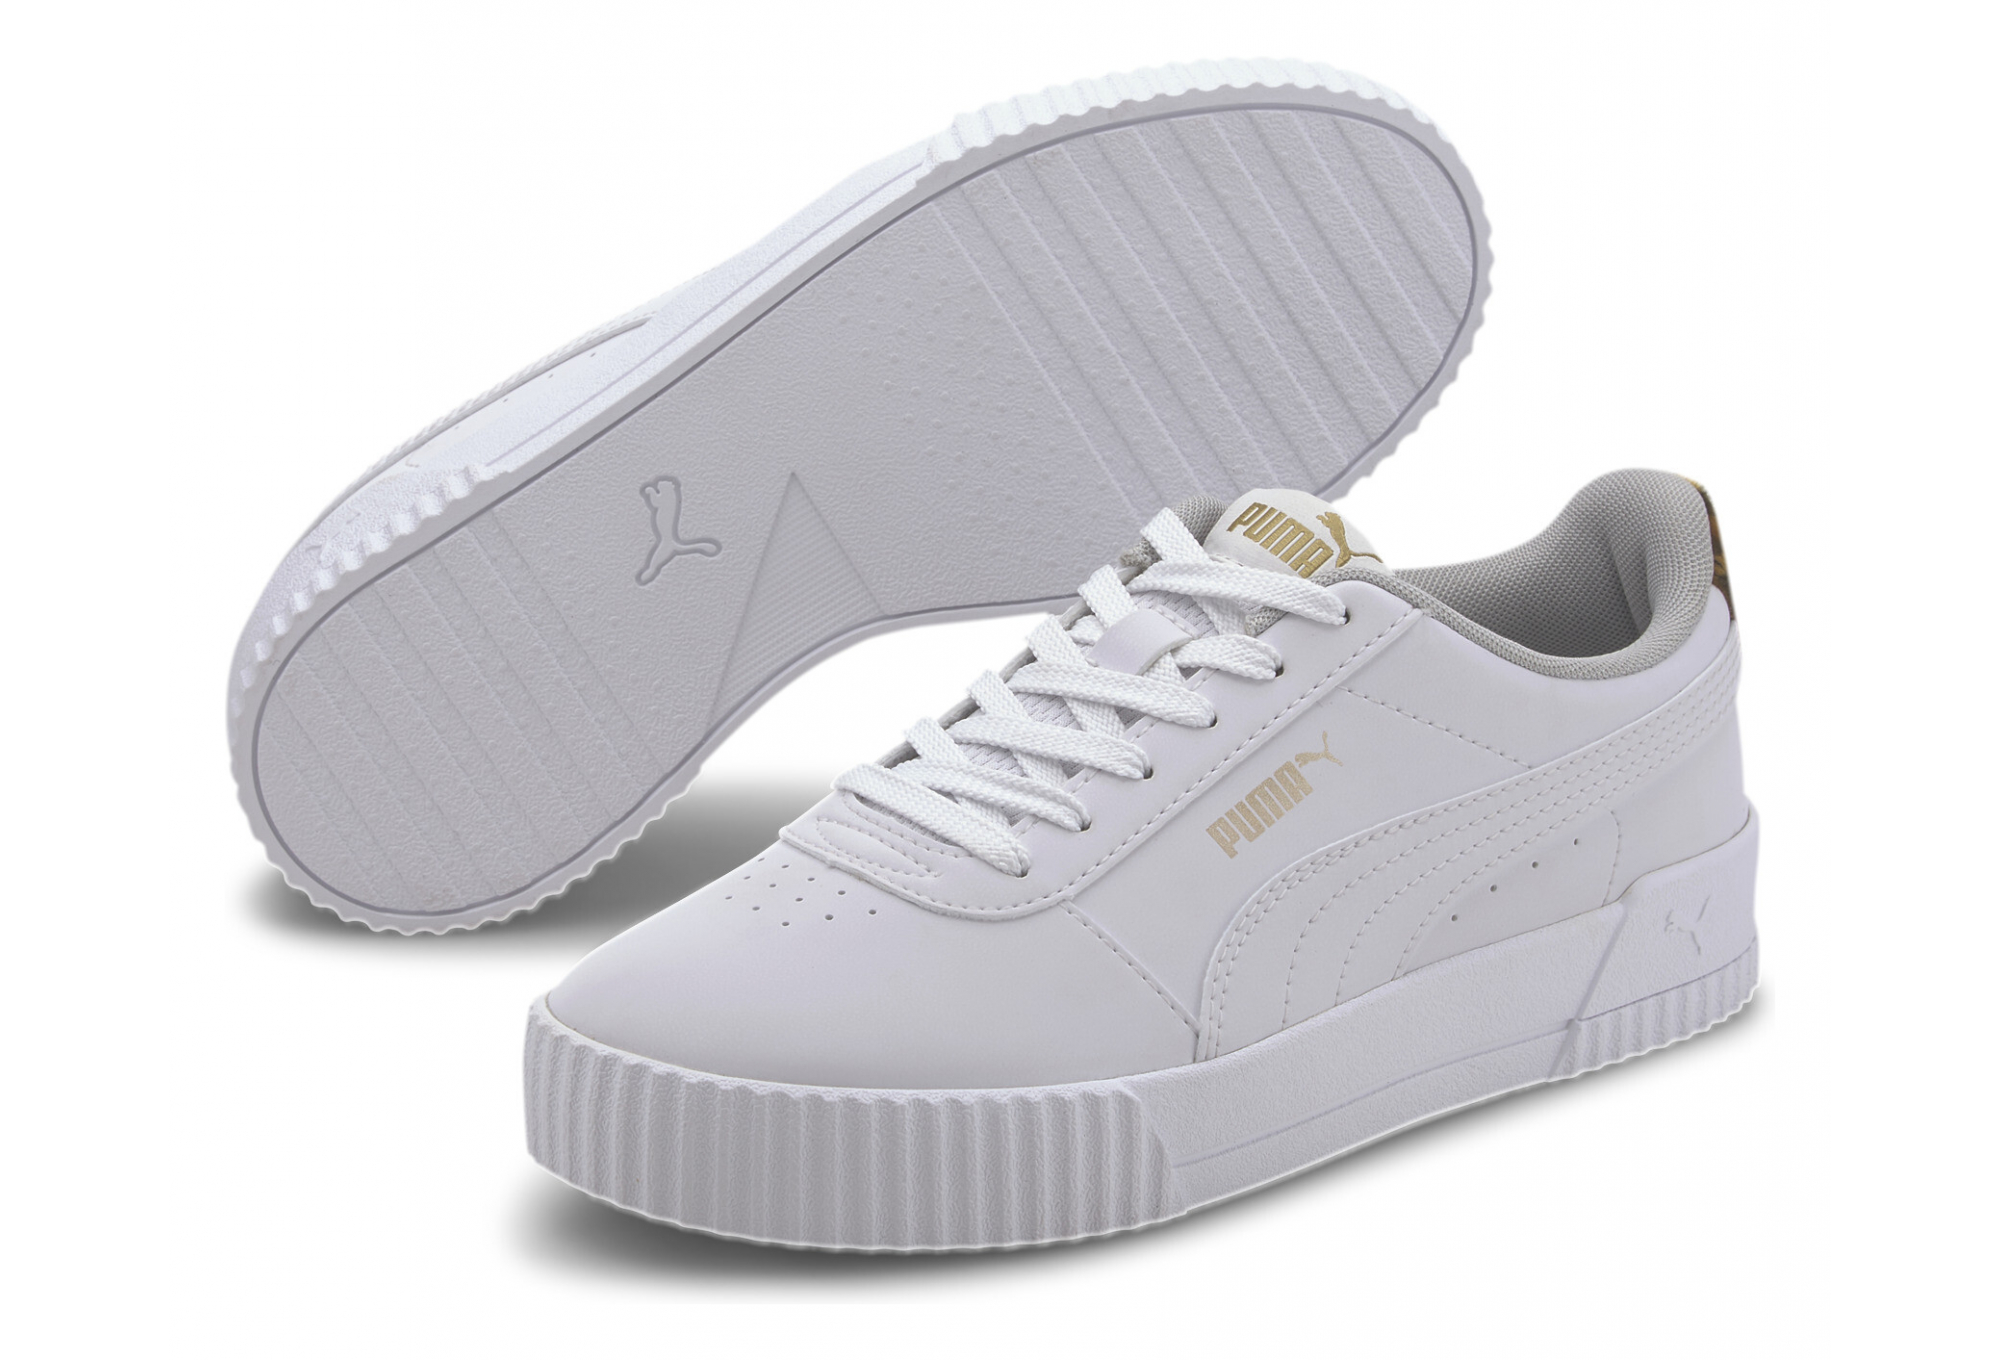 Chaussures femme Puma Carina Leo | Alltricks.com